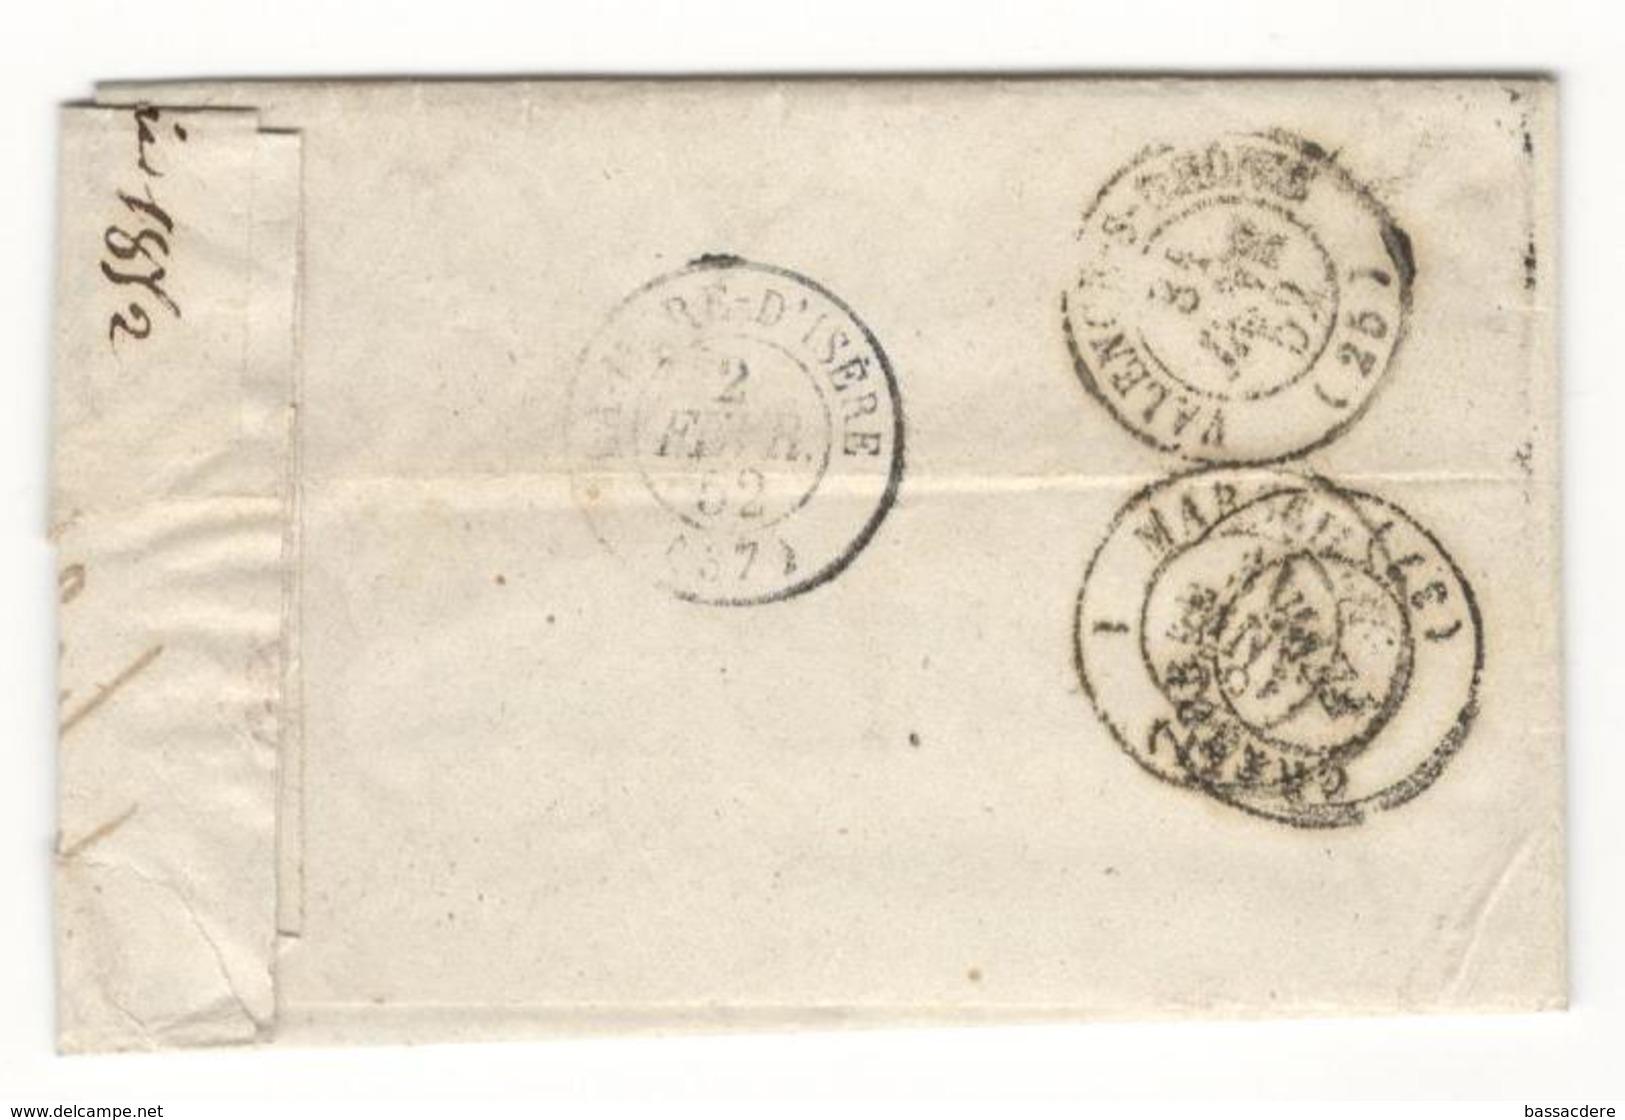 6138 - OLLIOULES - Storia Postale